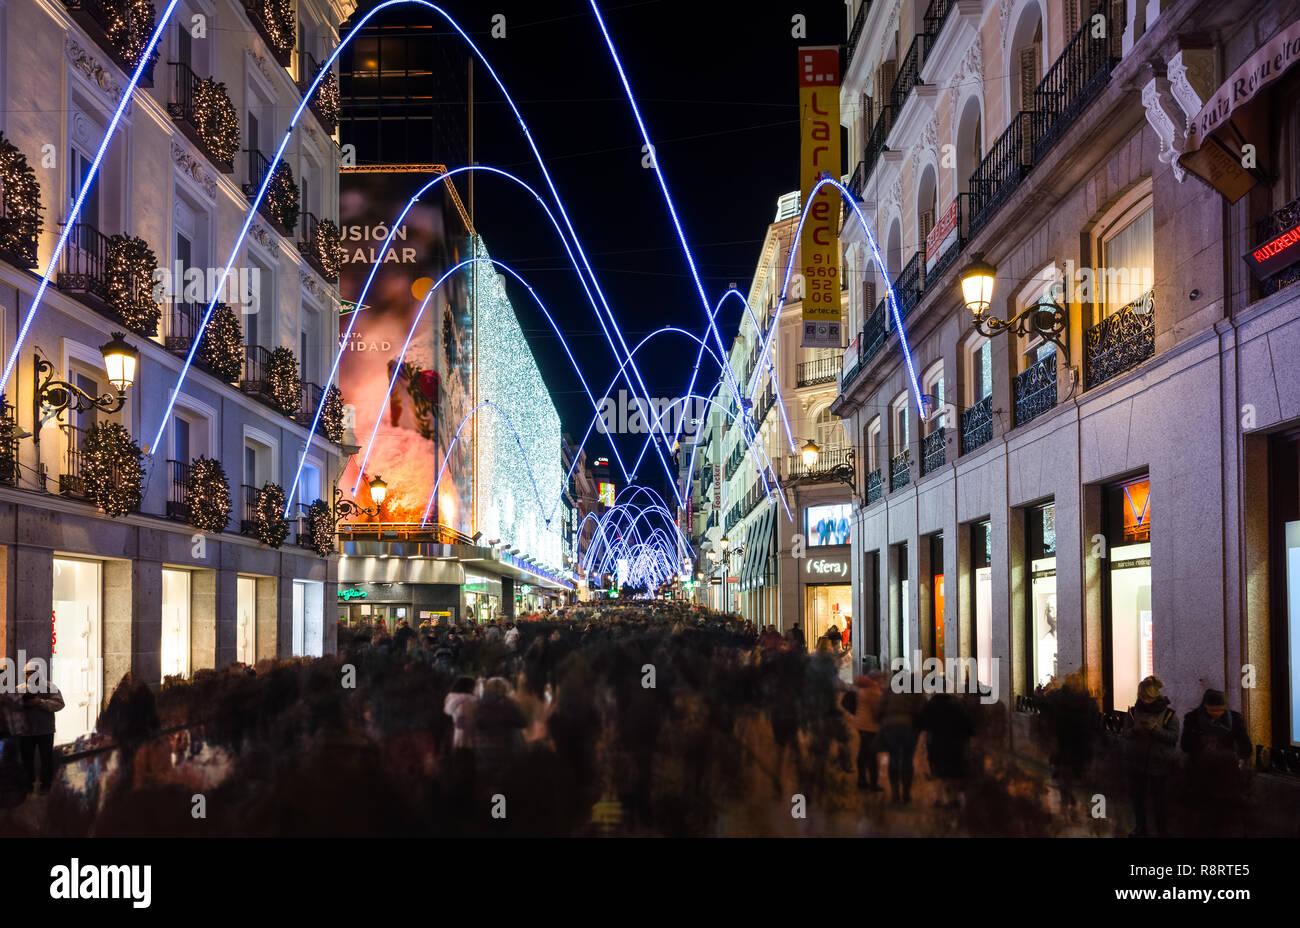 Madrid, Spagna, dicembre 2018. La gente a passeggiare e a fare shopping in via Preciados al calar della sera, illuminato da luci di Natale. Immagini Stock